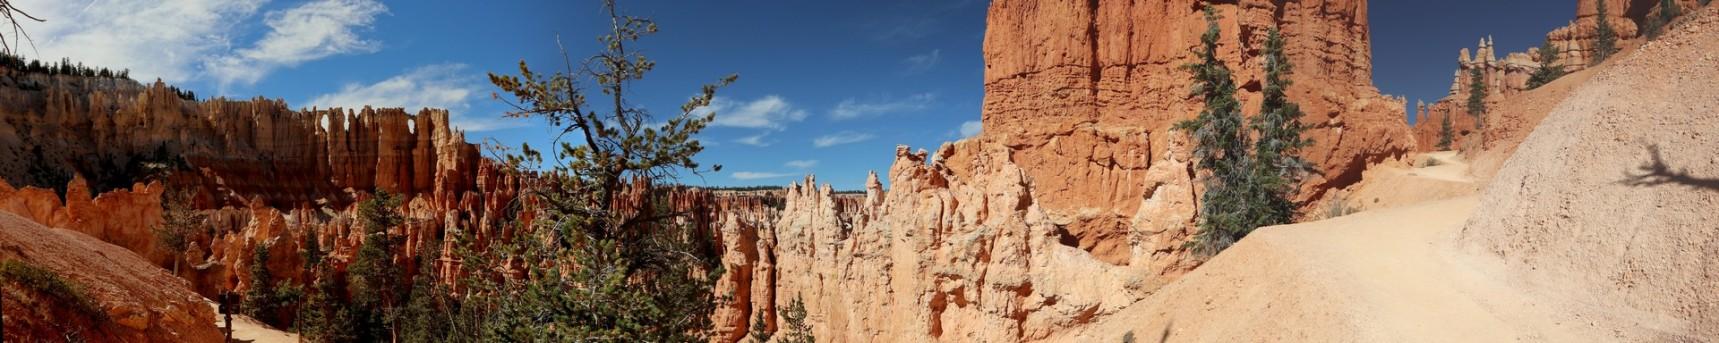 2017-10-07 Bryce Canyon-242_stitch